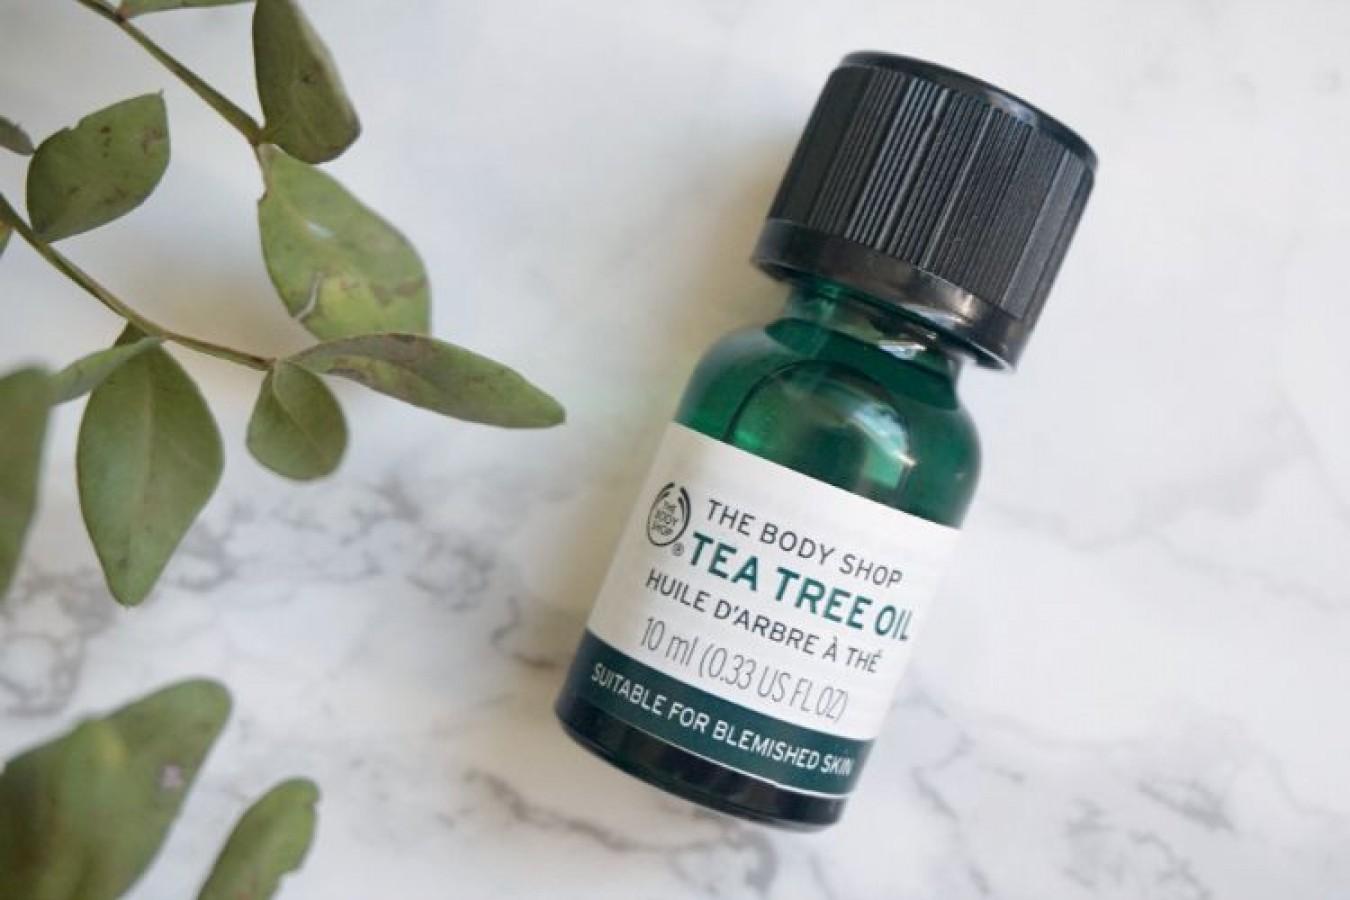 Tinh Dầu Tràm Trà Tea Tree Oil The Body Shop Hỗ Trợ Cải Thiện Mụn